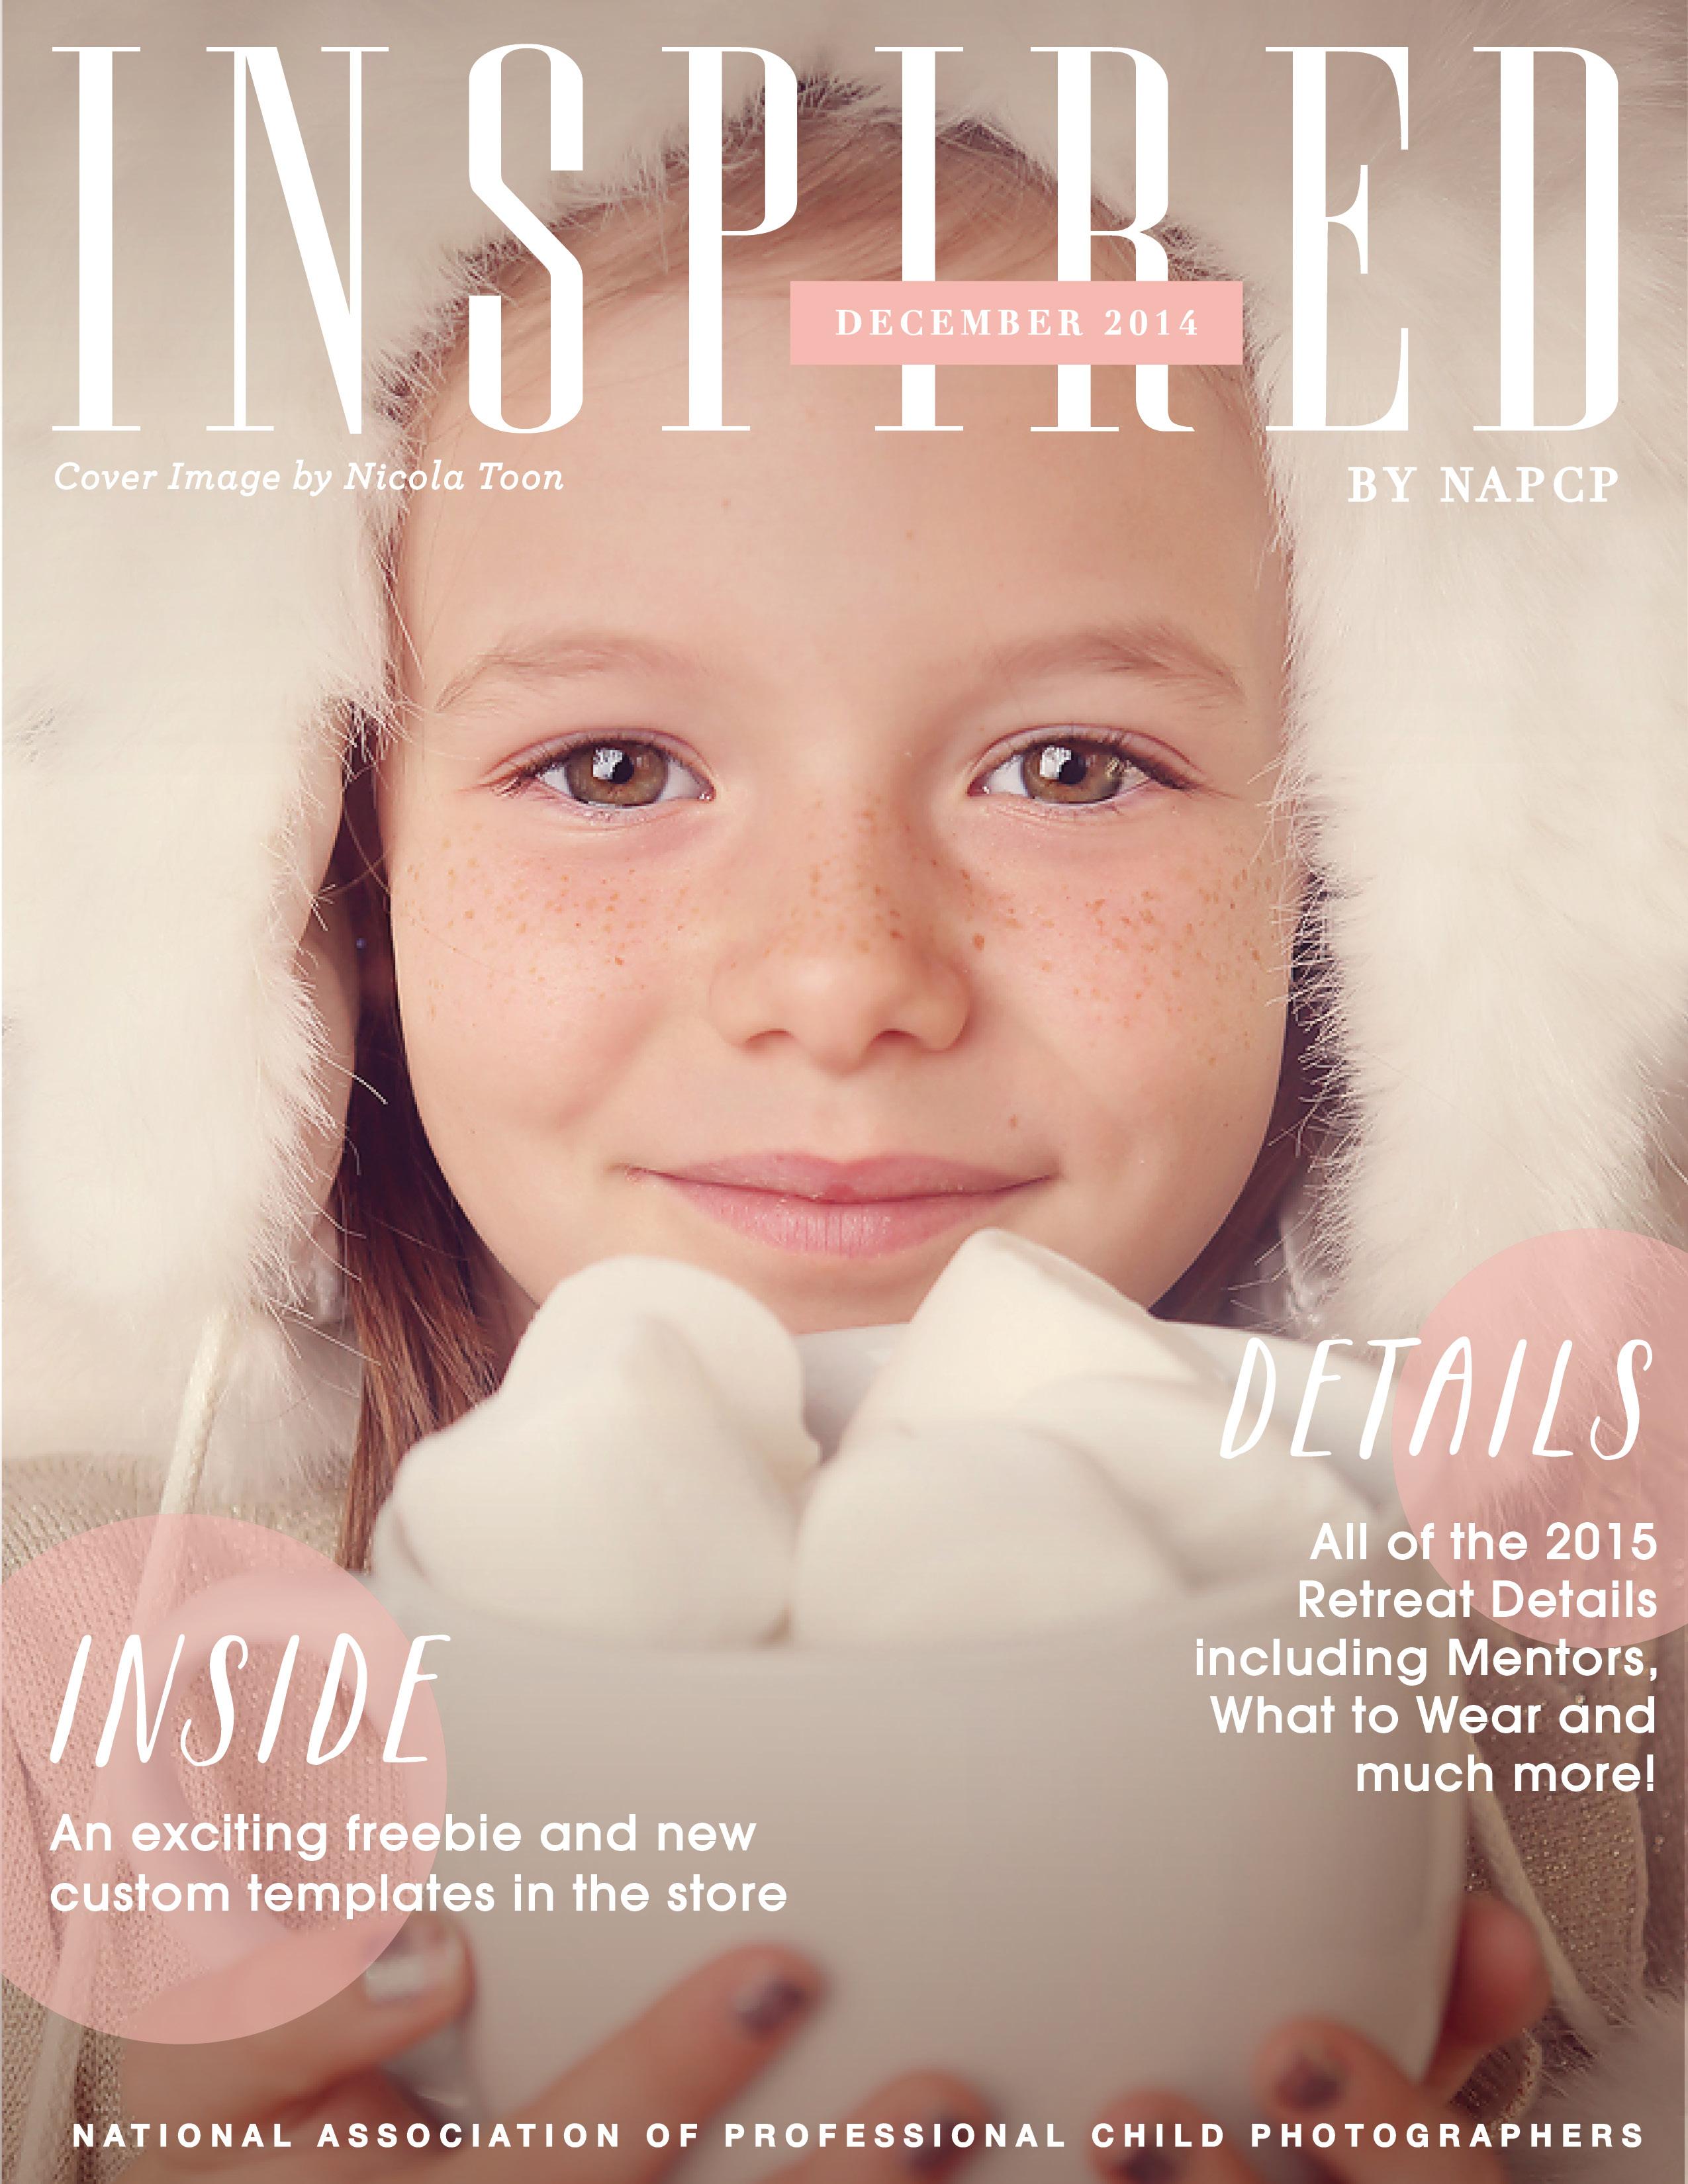 December Newsletter cover